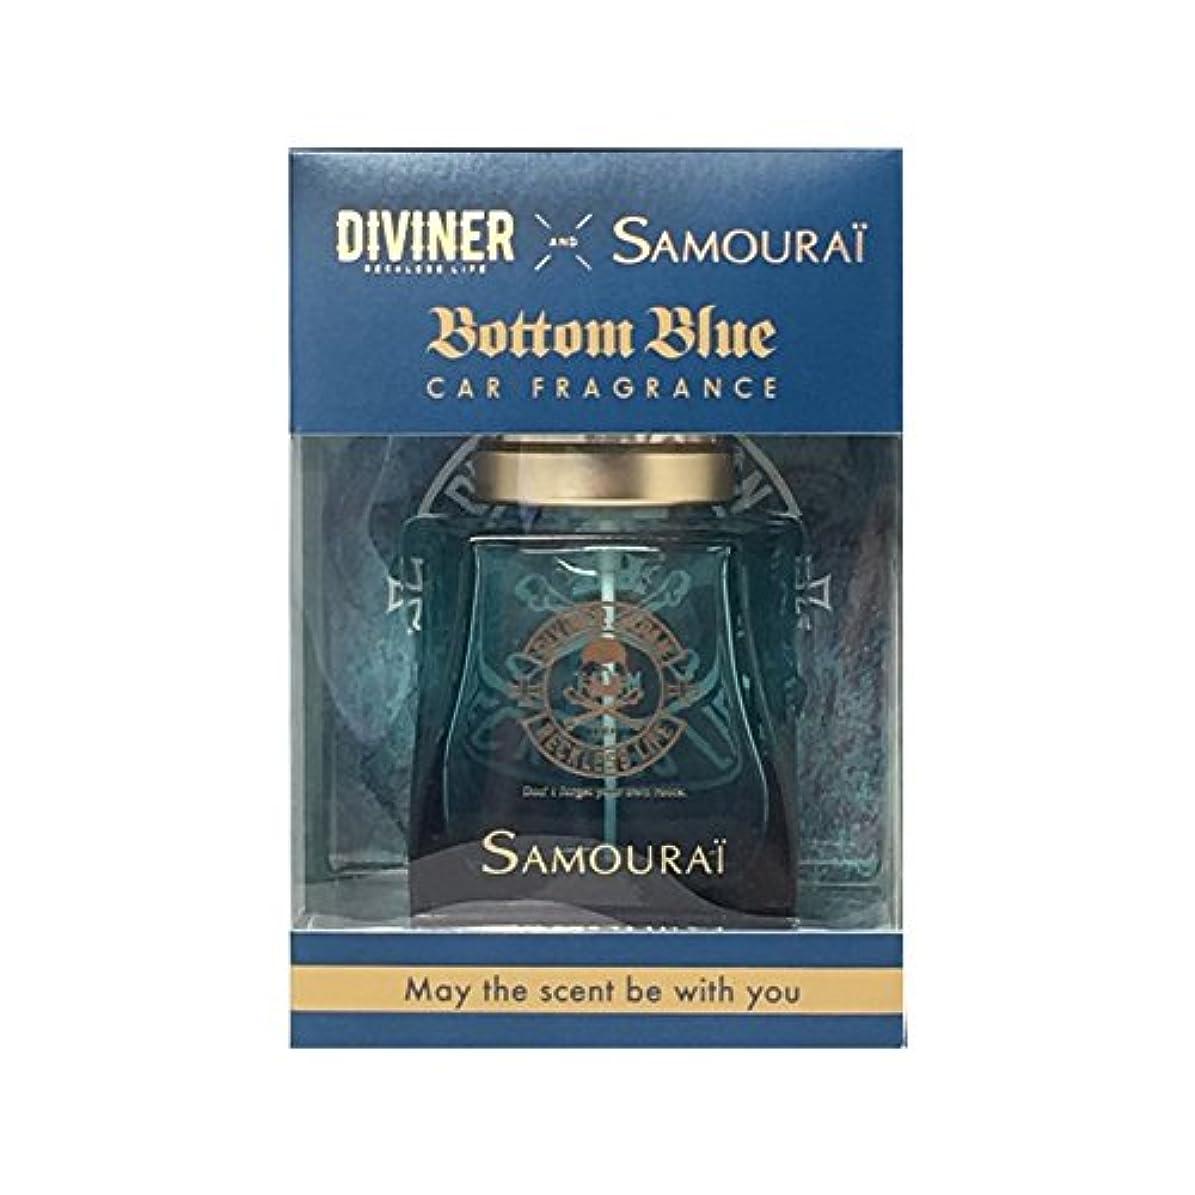 ディンカルビル不透明なサンダースDIVINRE × サムライ カーフレグランス ボトムブルー 置き型 (60mL)